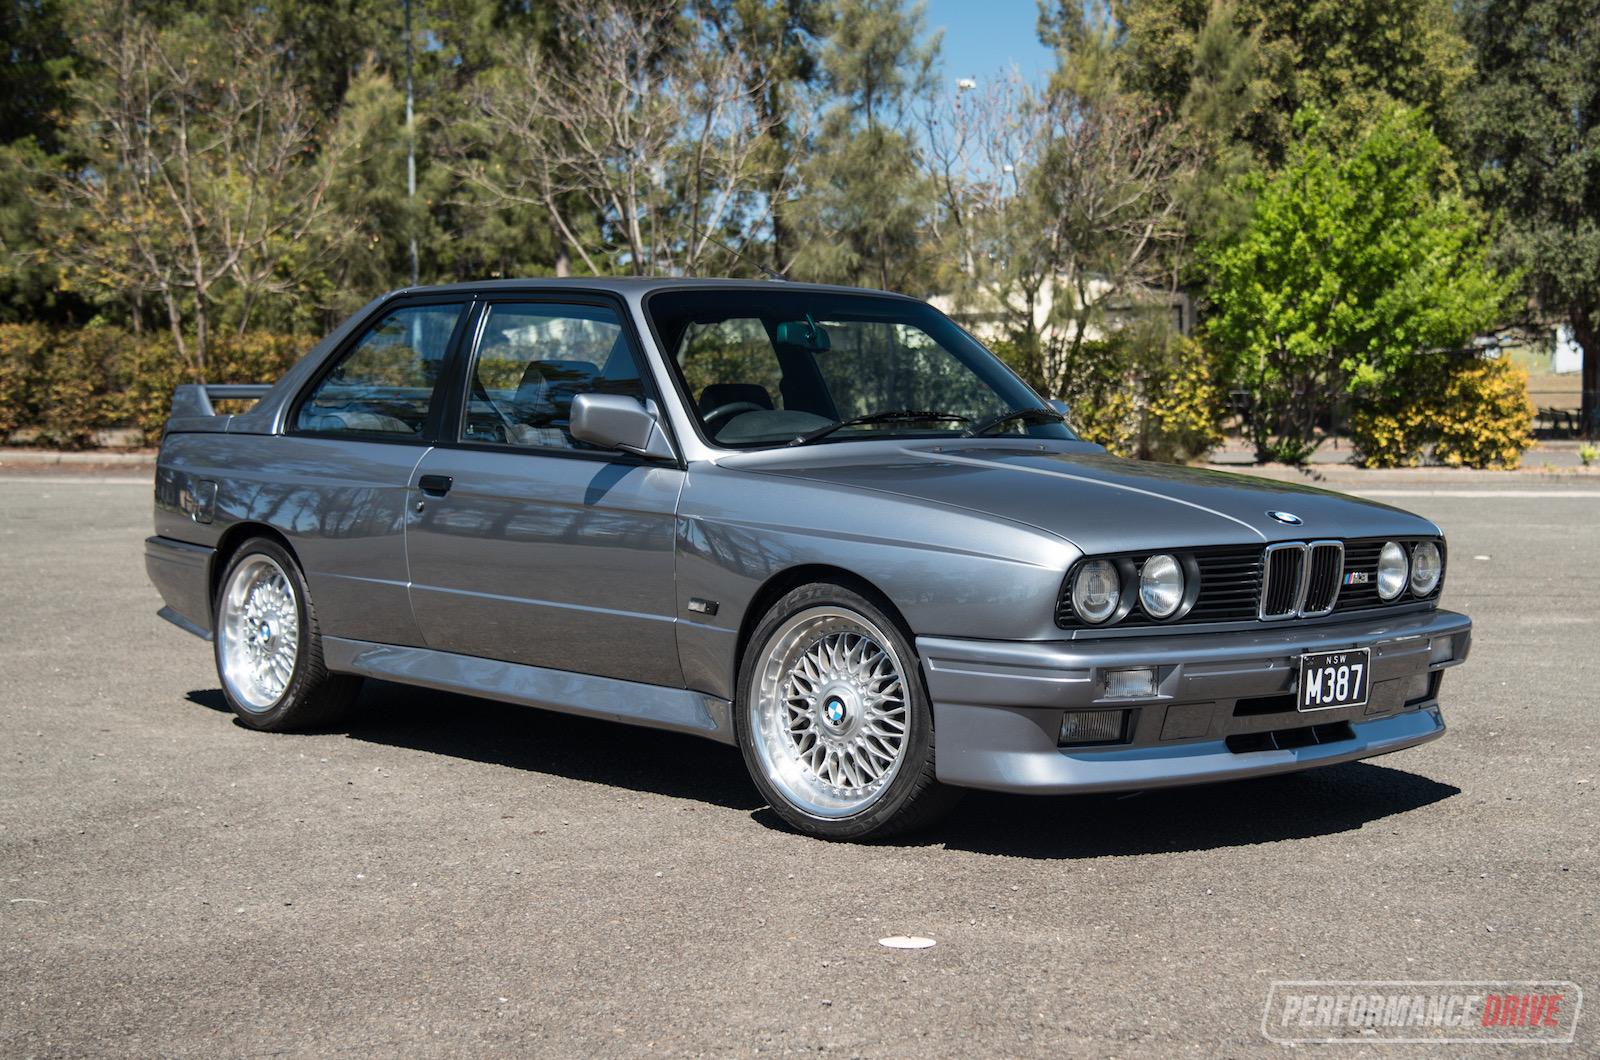 BMW M3 E30 >> 1987 Bmw M3 E30 0 100km H Engine Sound Video